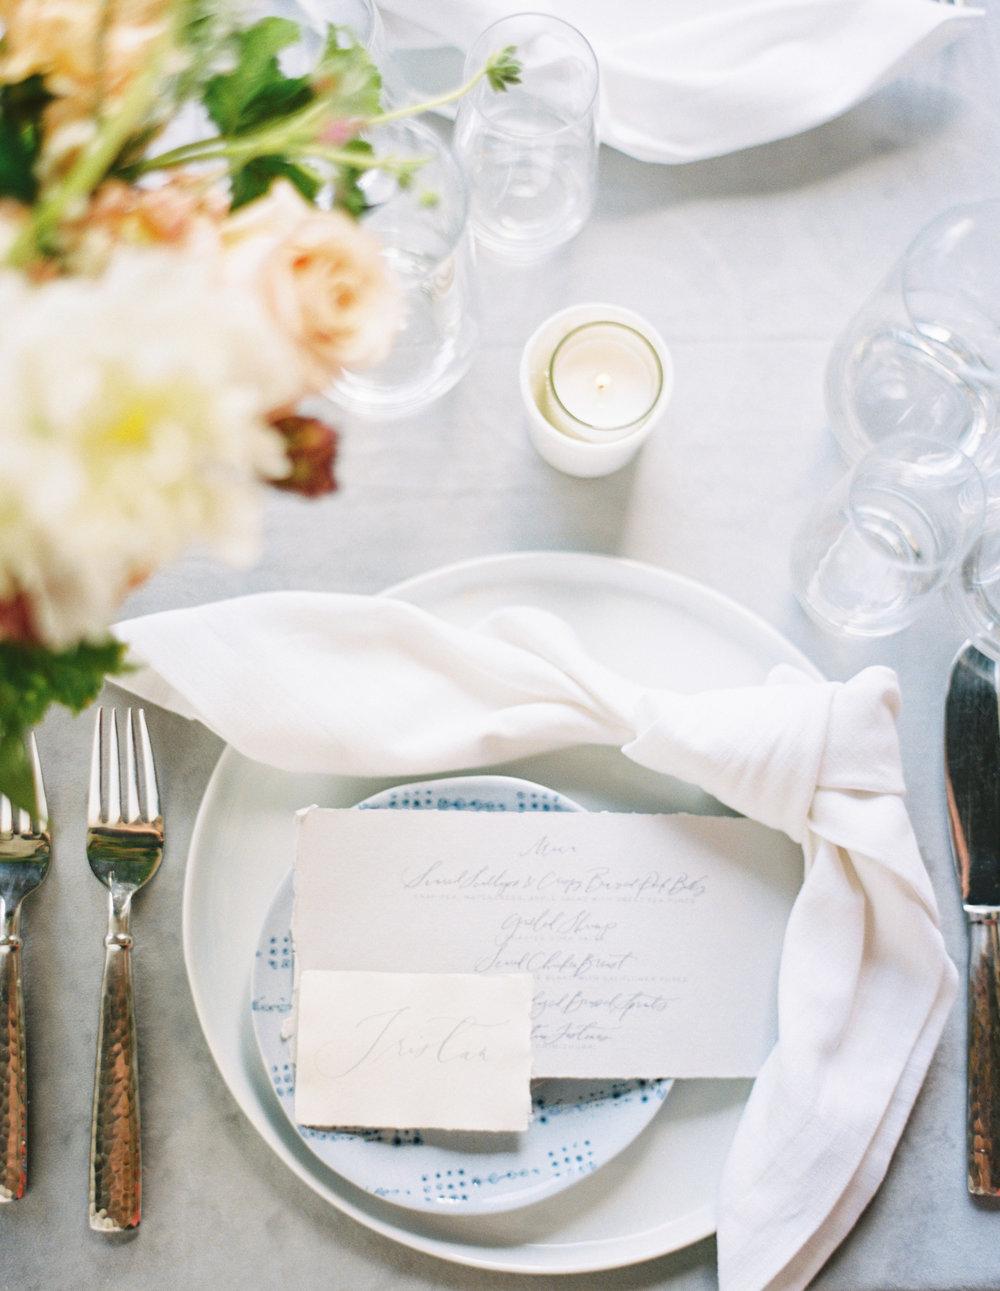 jessica-zimmerman-events-lauren-kinsey-tablescape.jpg